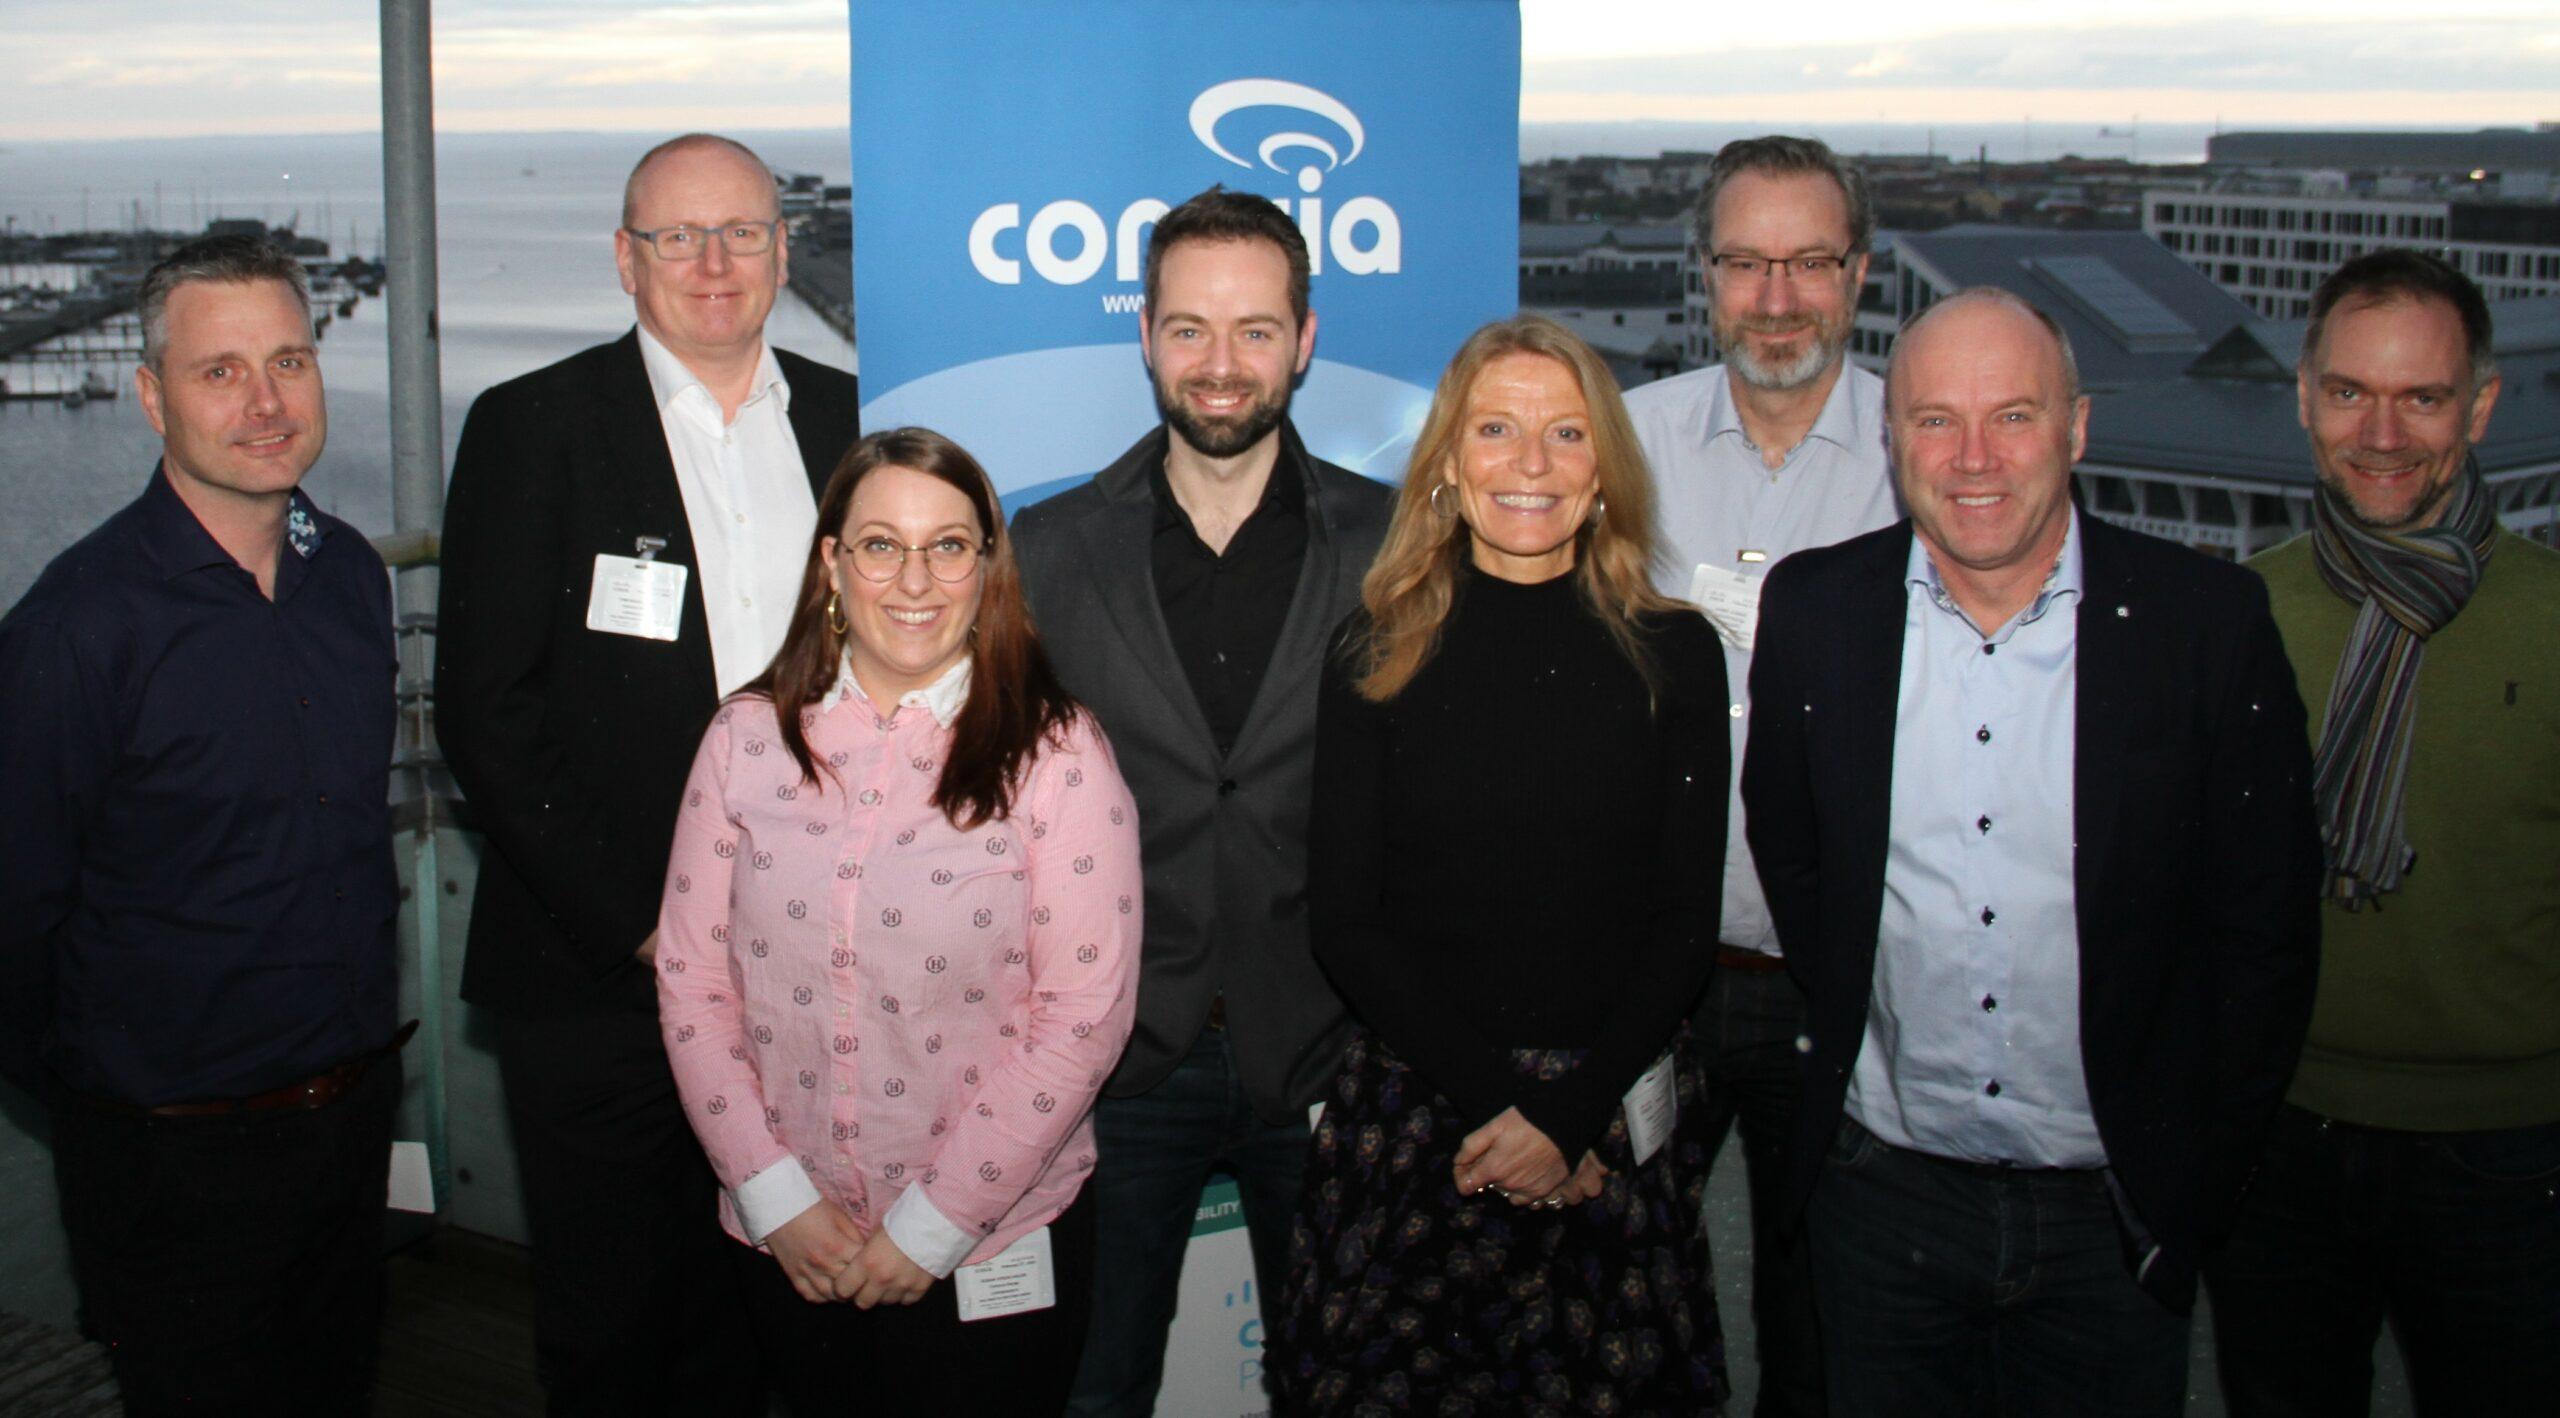 Conscia CX team